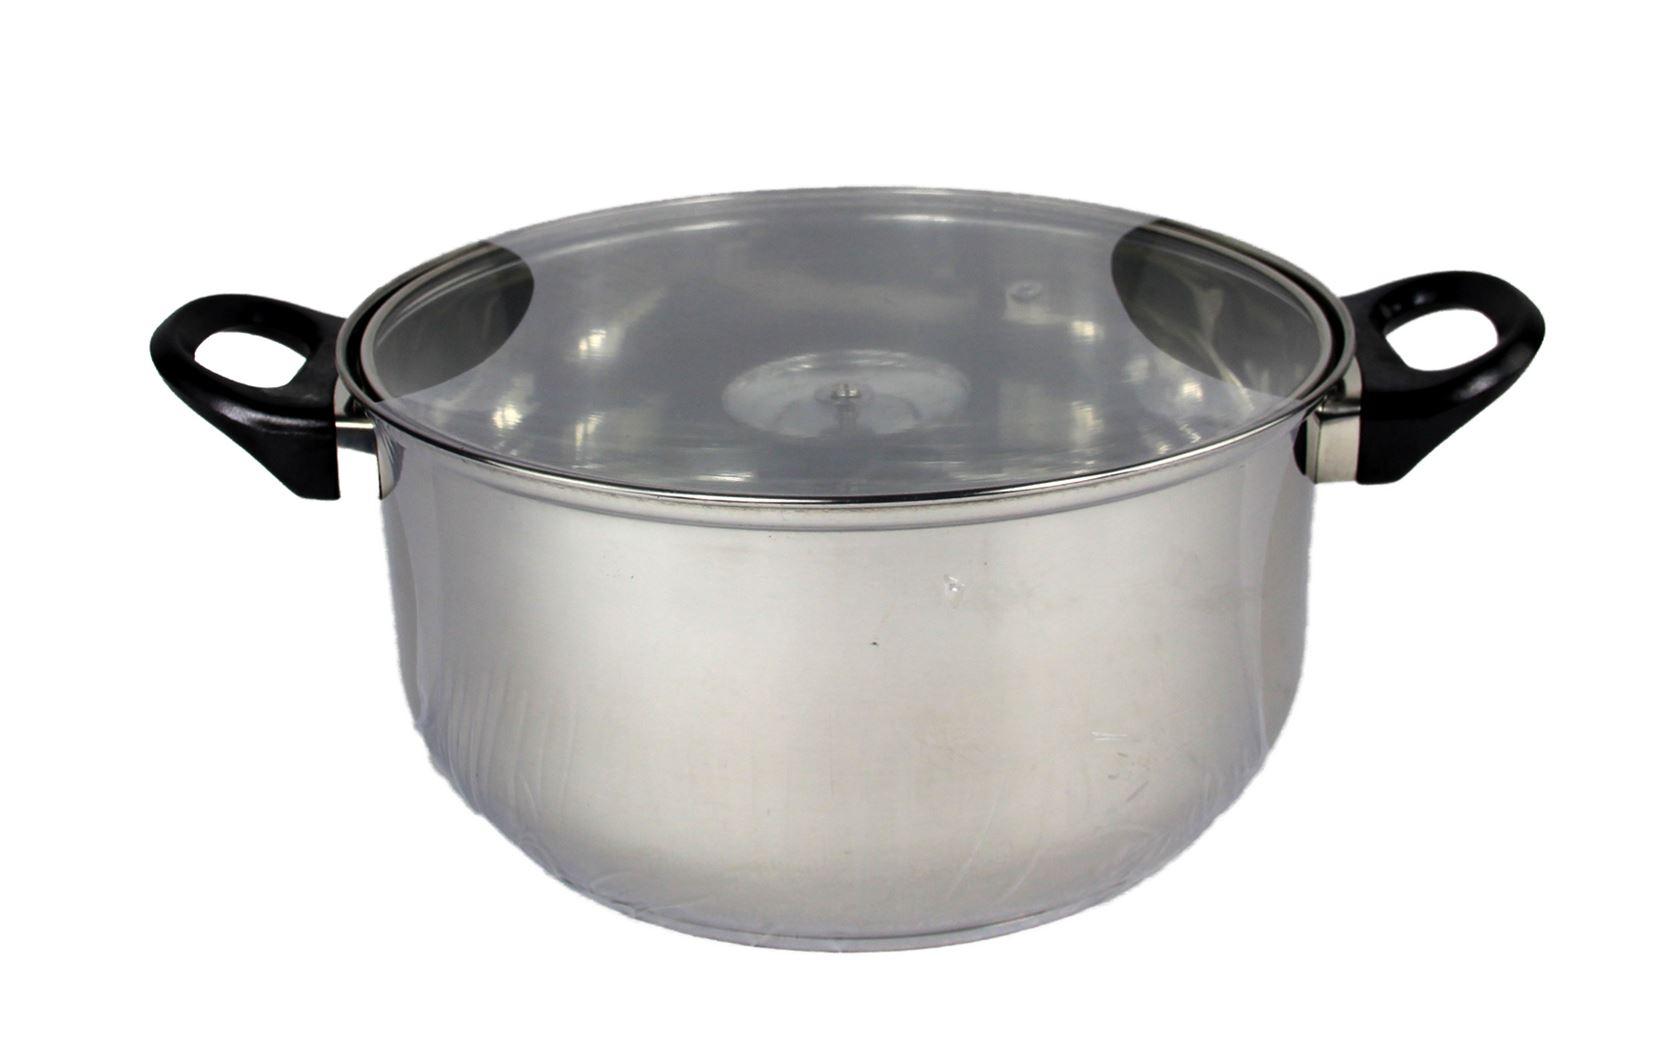 h-c-kookpot-inox-bakeliet